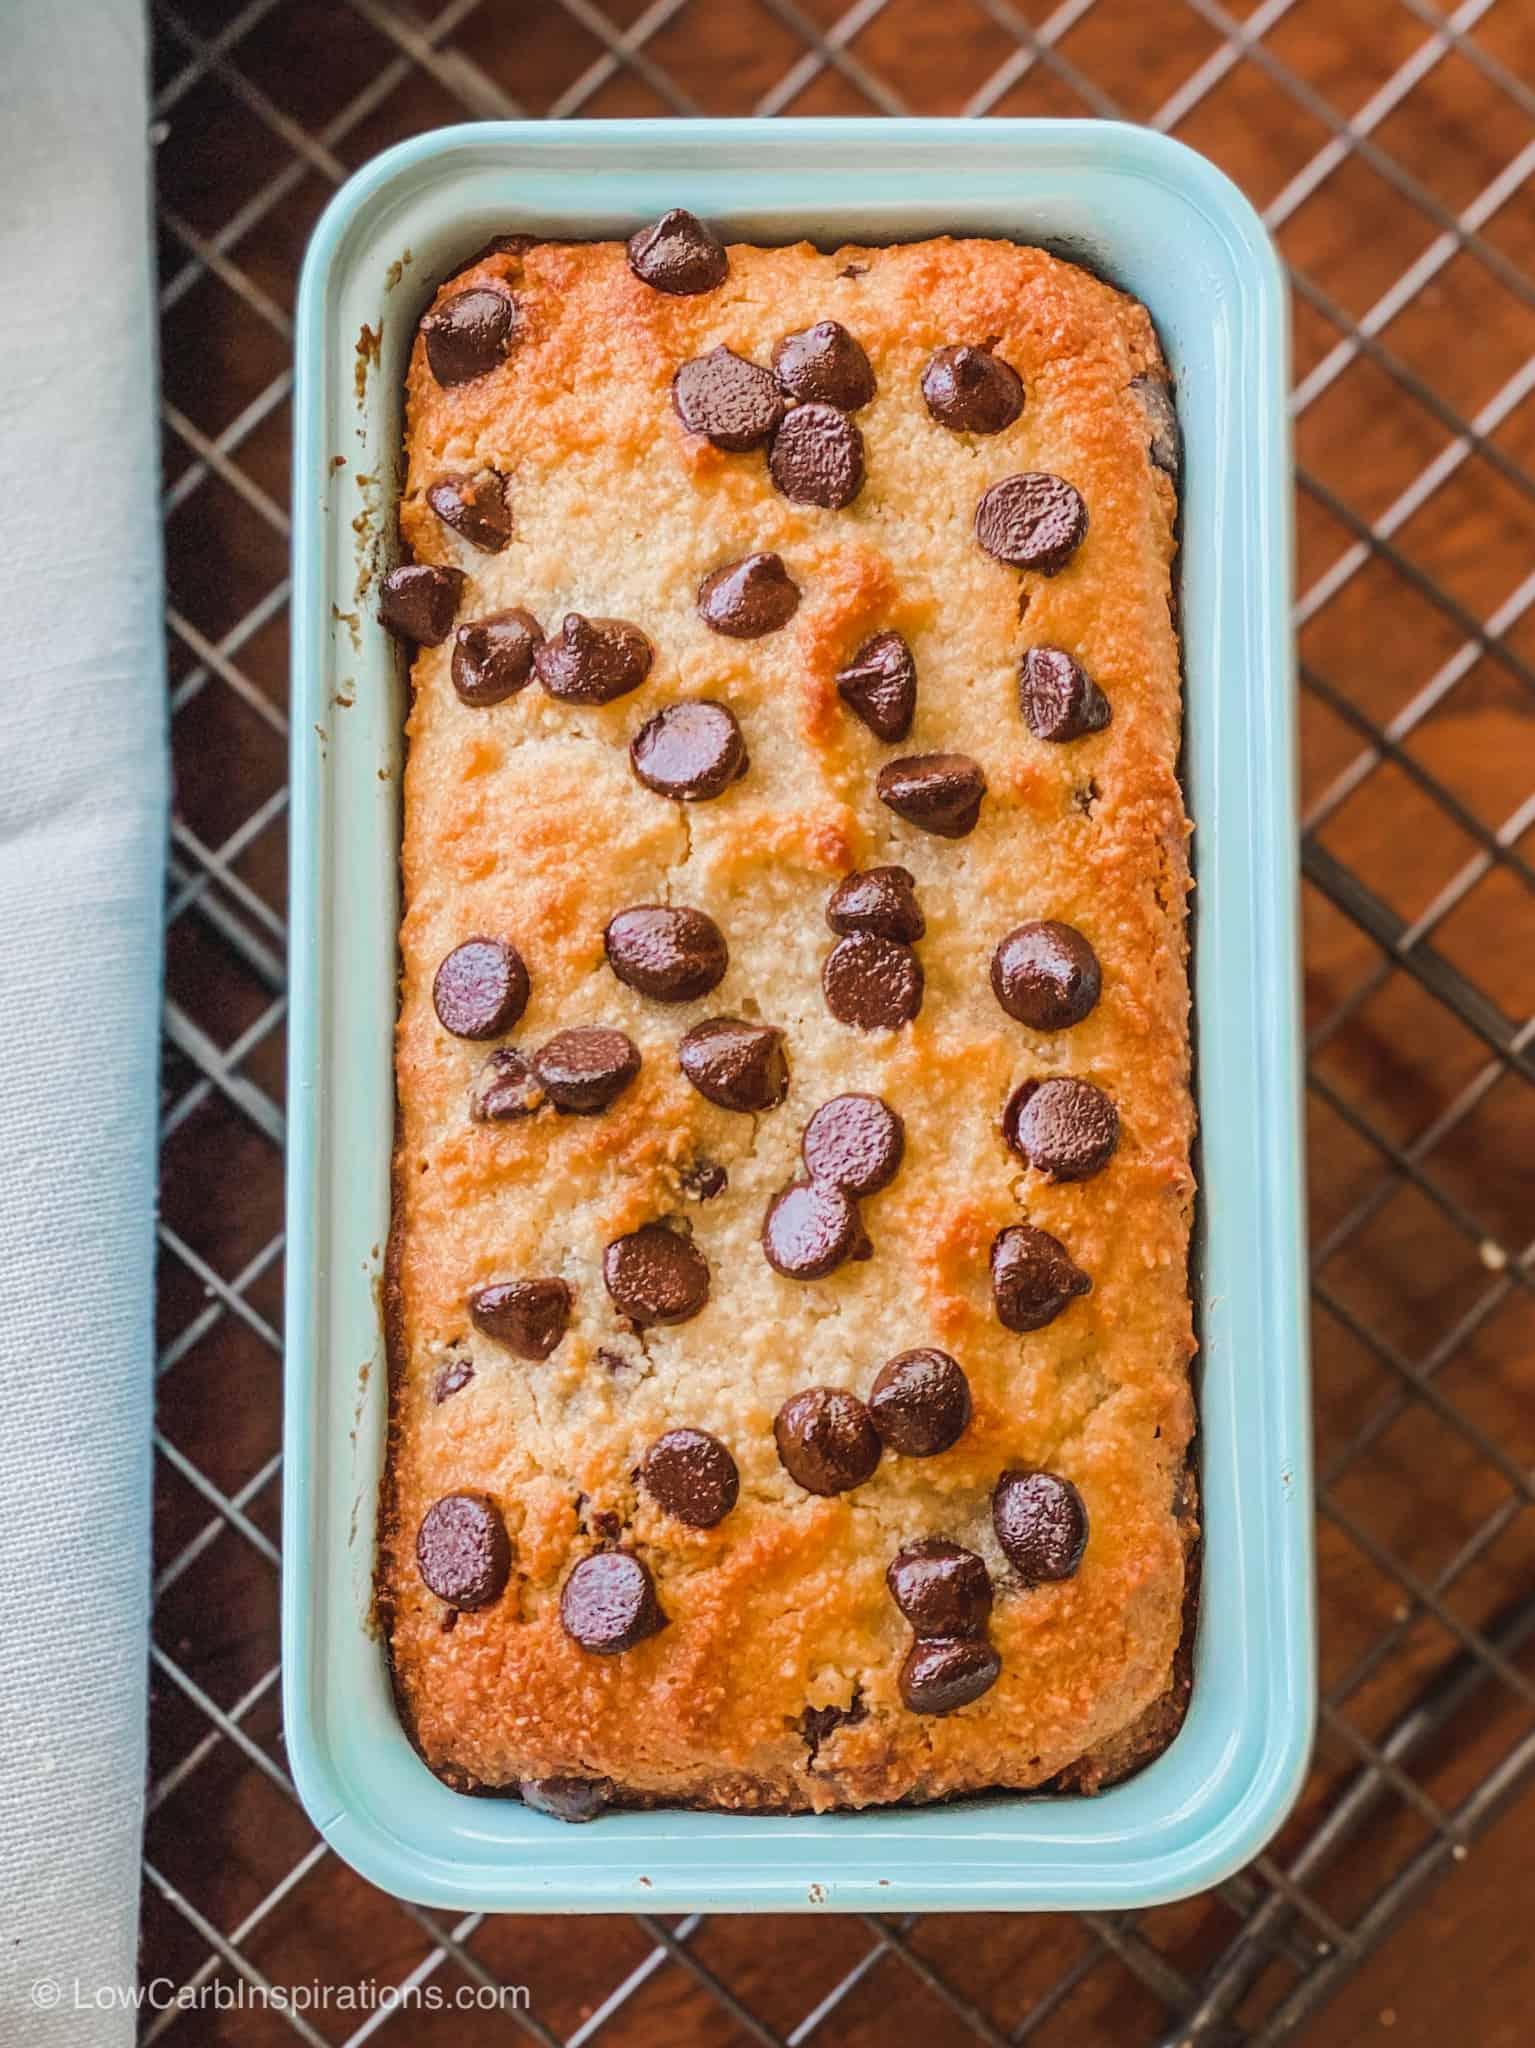 Keto Chocolate Chip Banana Bread Recipe